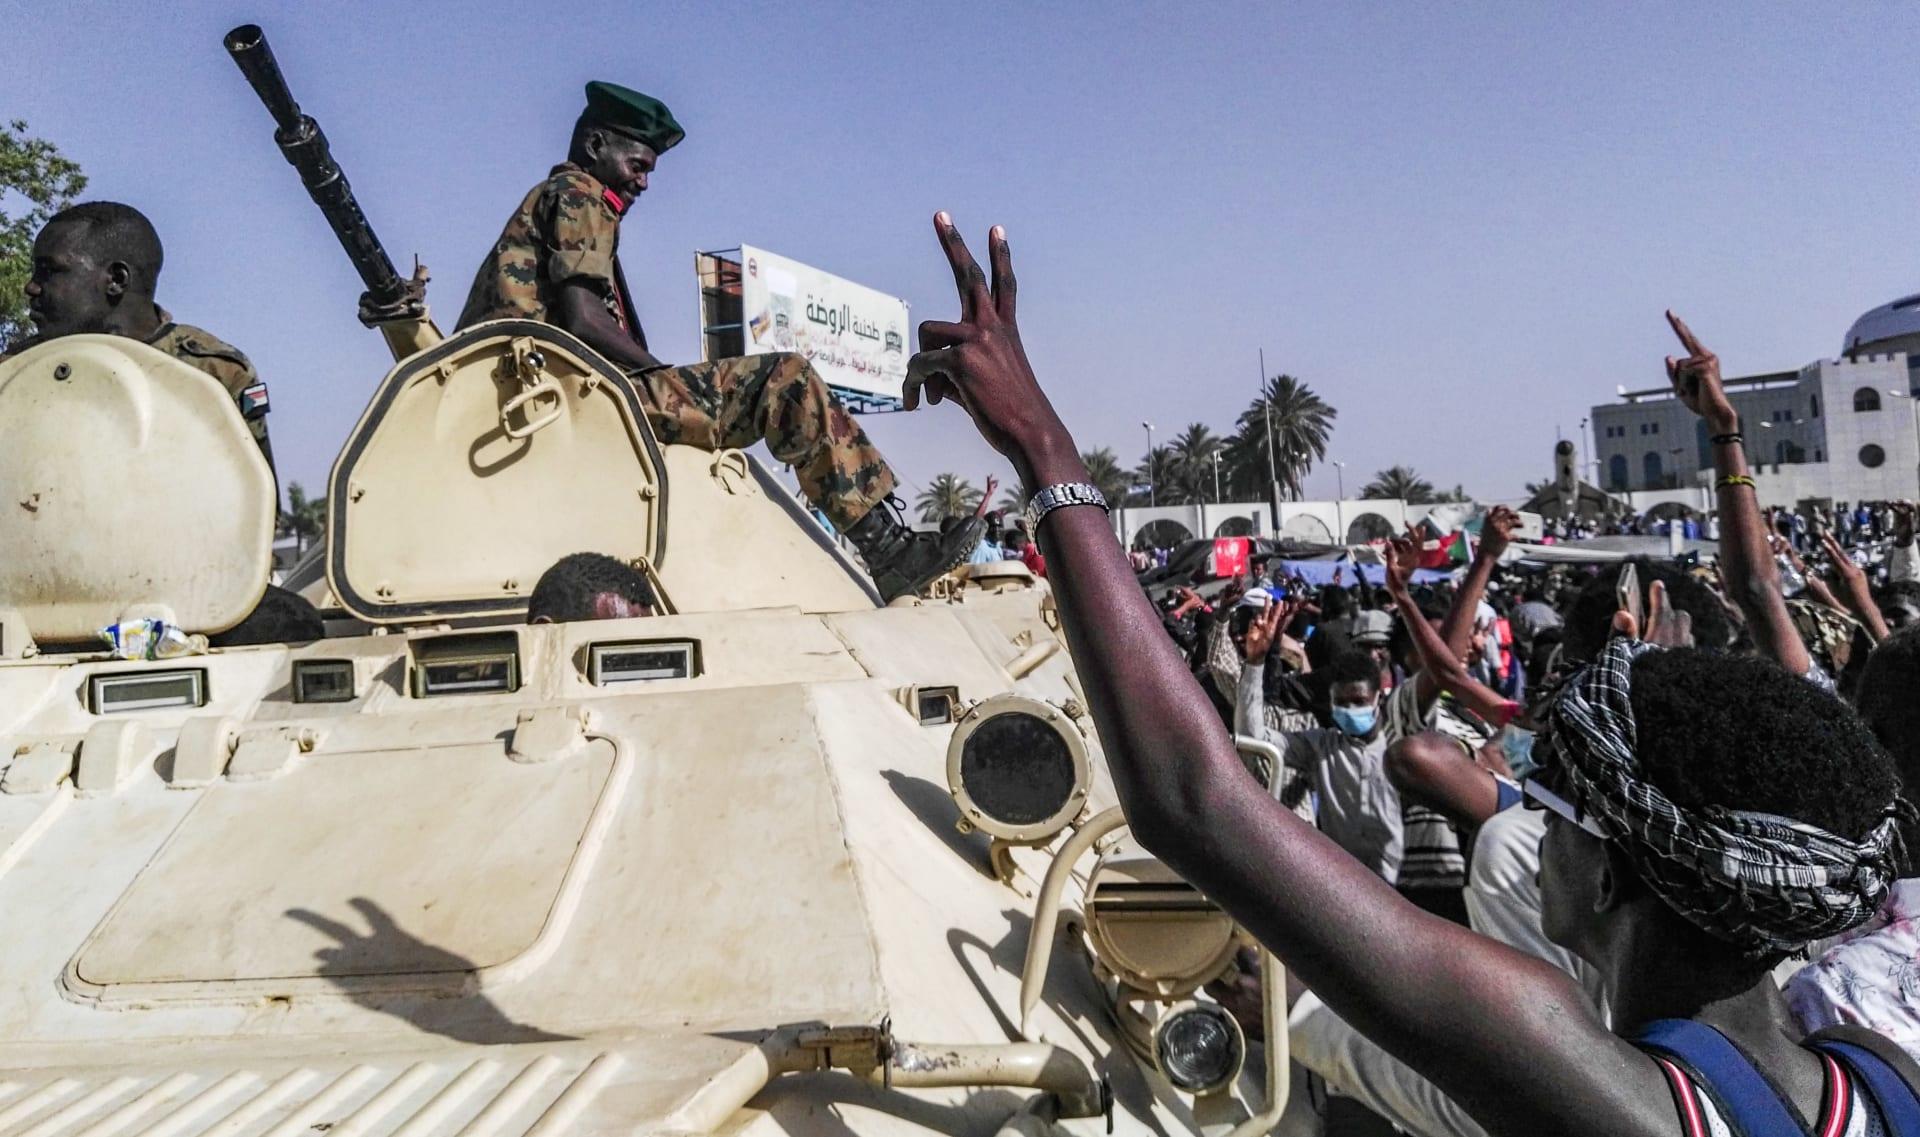 المجلس العسكري في السودان يجري اتصالات مع السعودية والإمارات وقطر